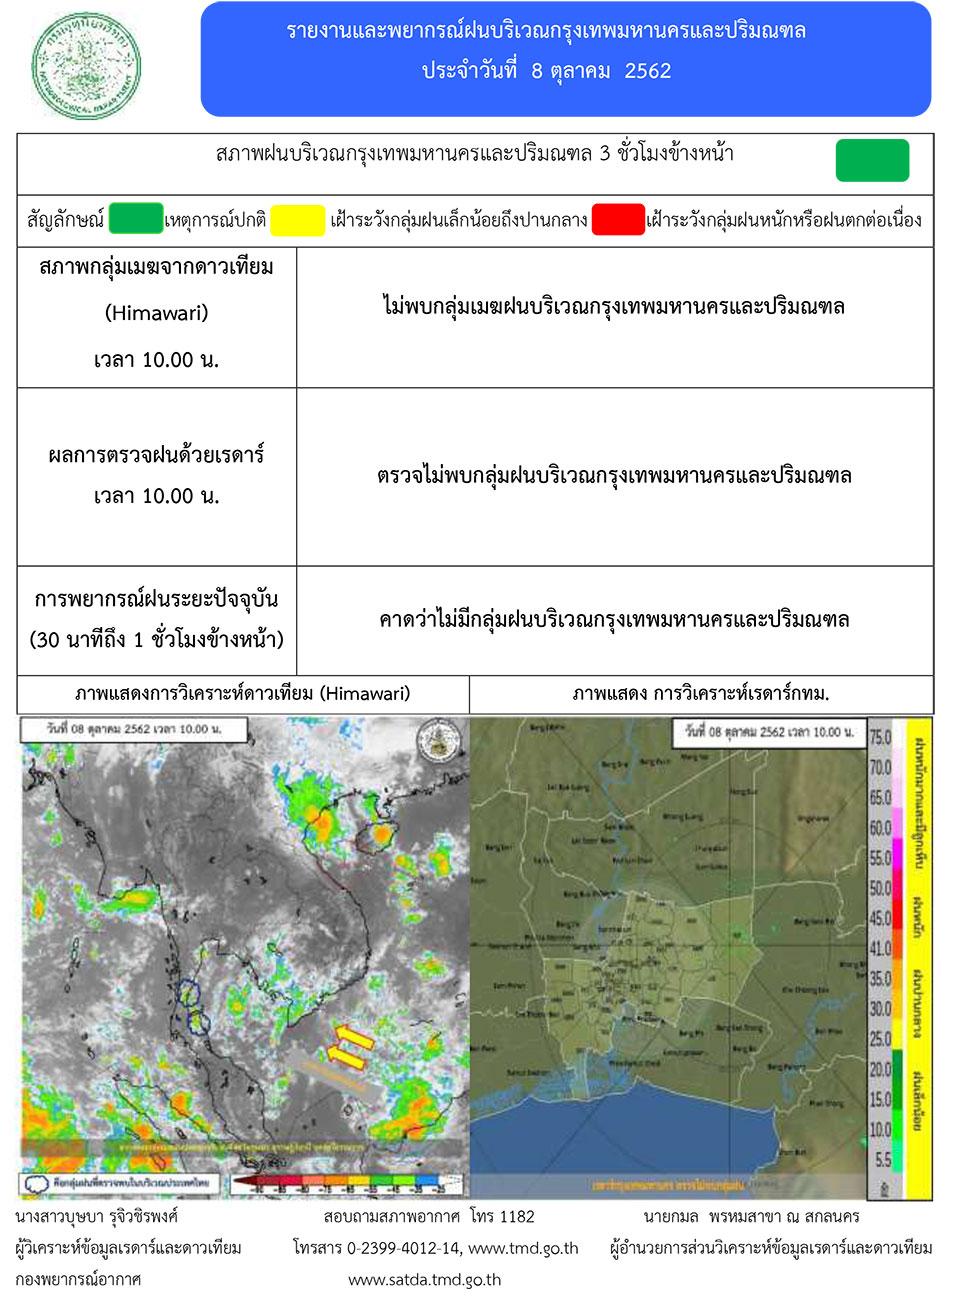 รายงานพยากรณ์อากาศ ประจำวันที่ 8 ตุลาคม 2562